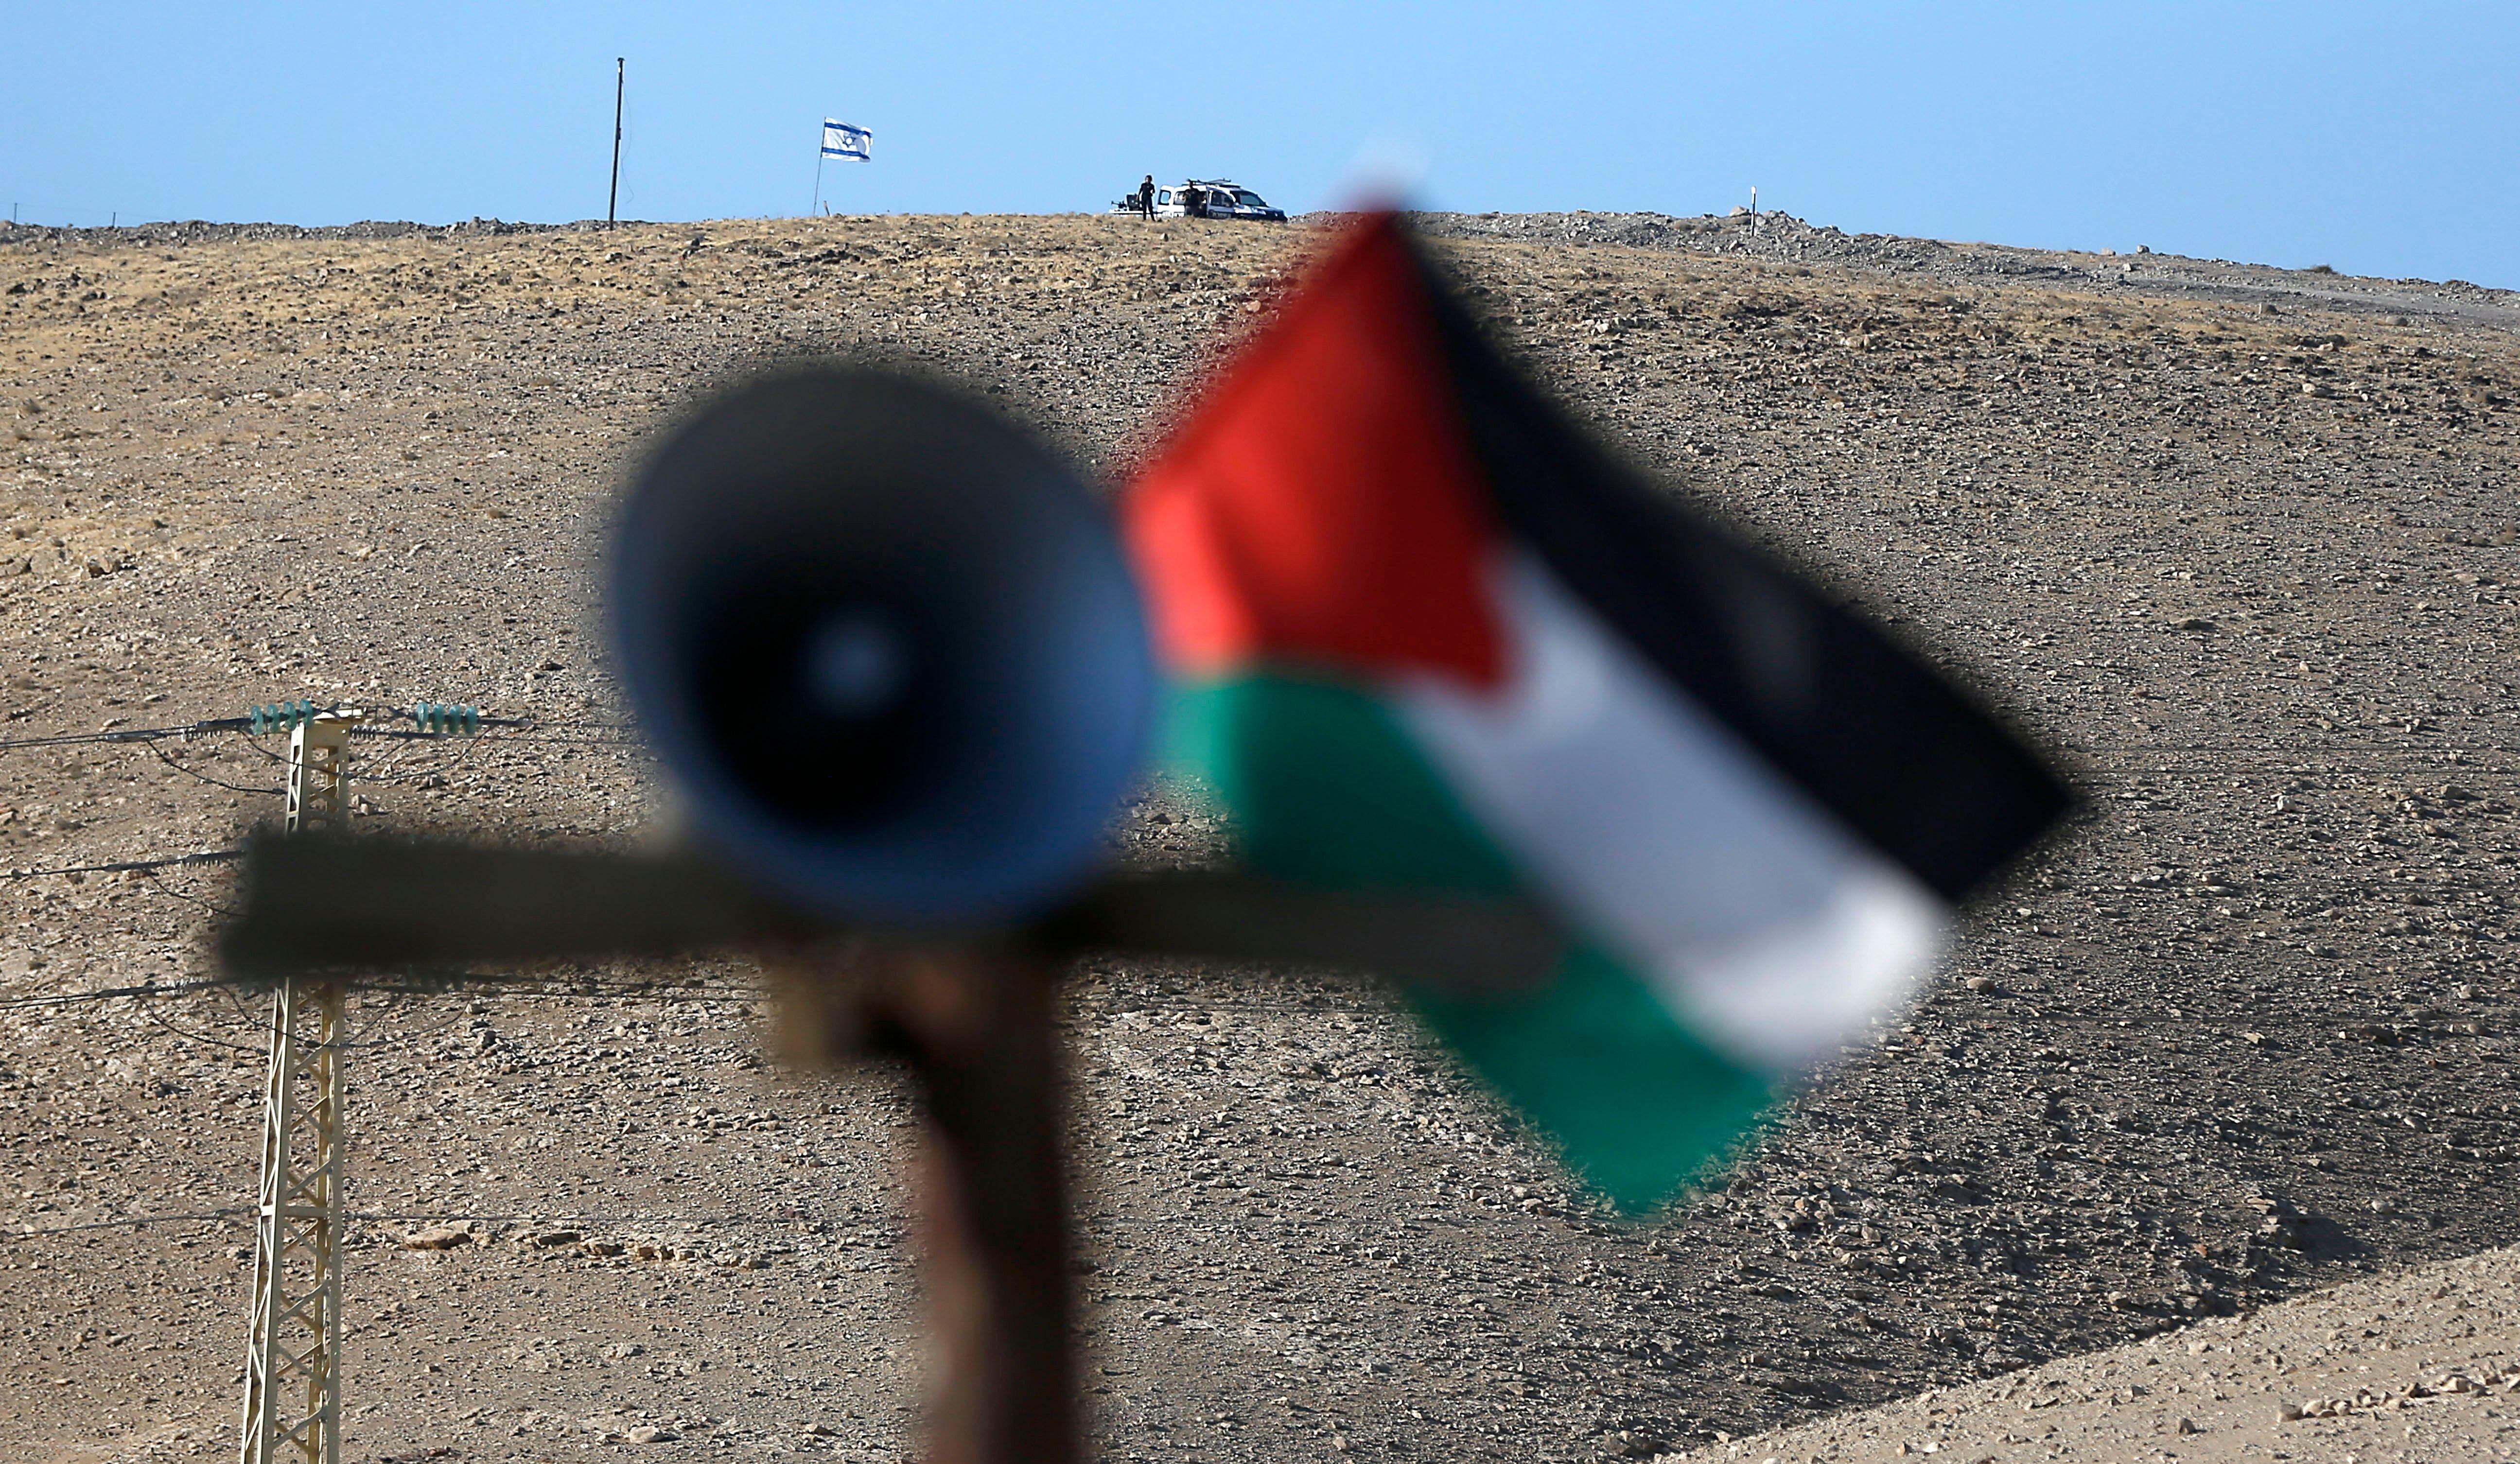 Ισραήλ: Νόμος περί «εβραϊκού κράτους» ψηφίστηκε στη βουλή. Καταγγελίες από τους Ισραηλινούς Άραβες για «καθεστώς